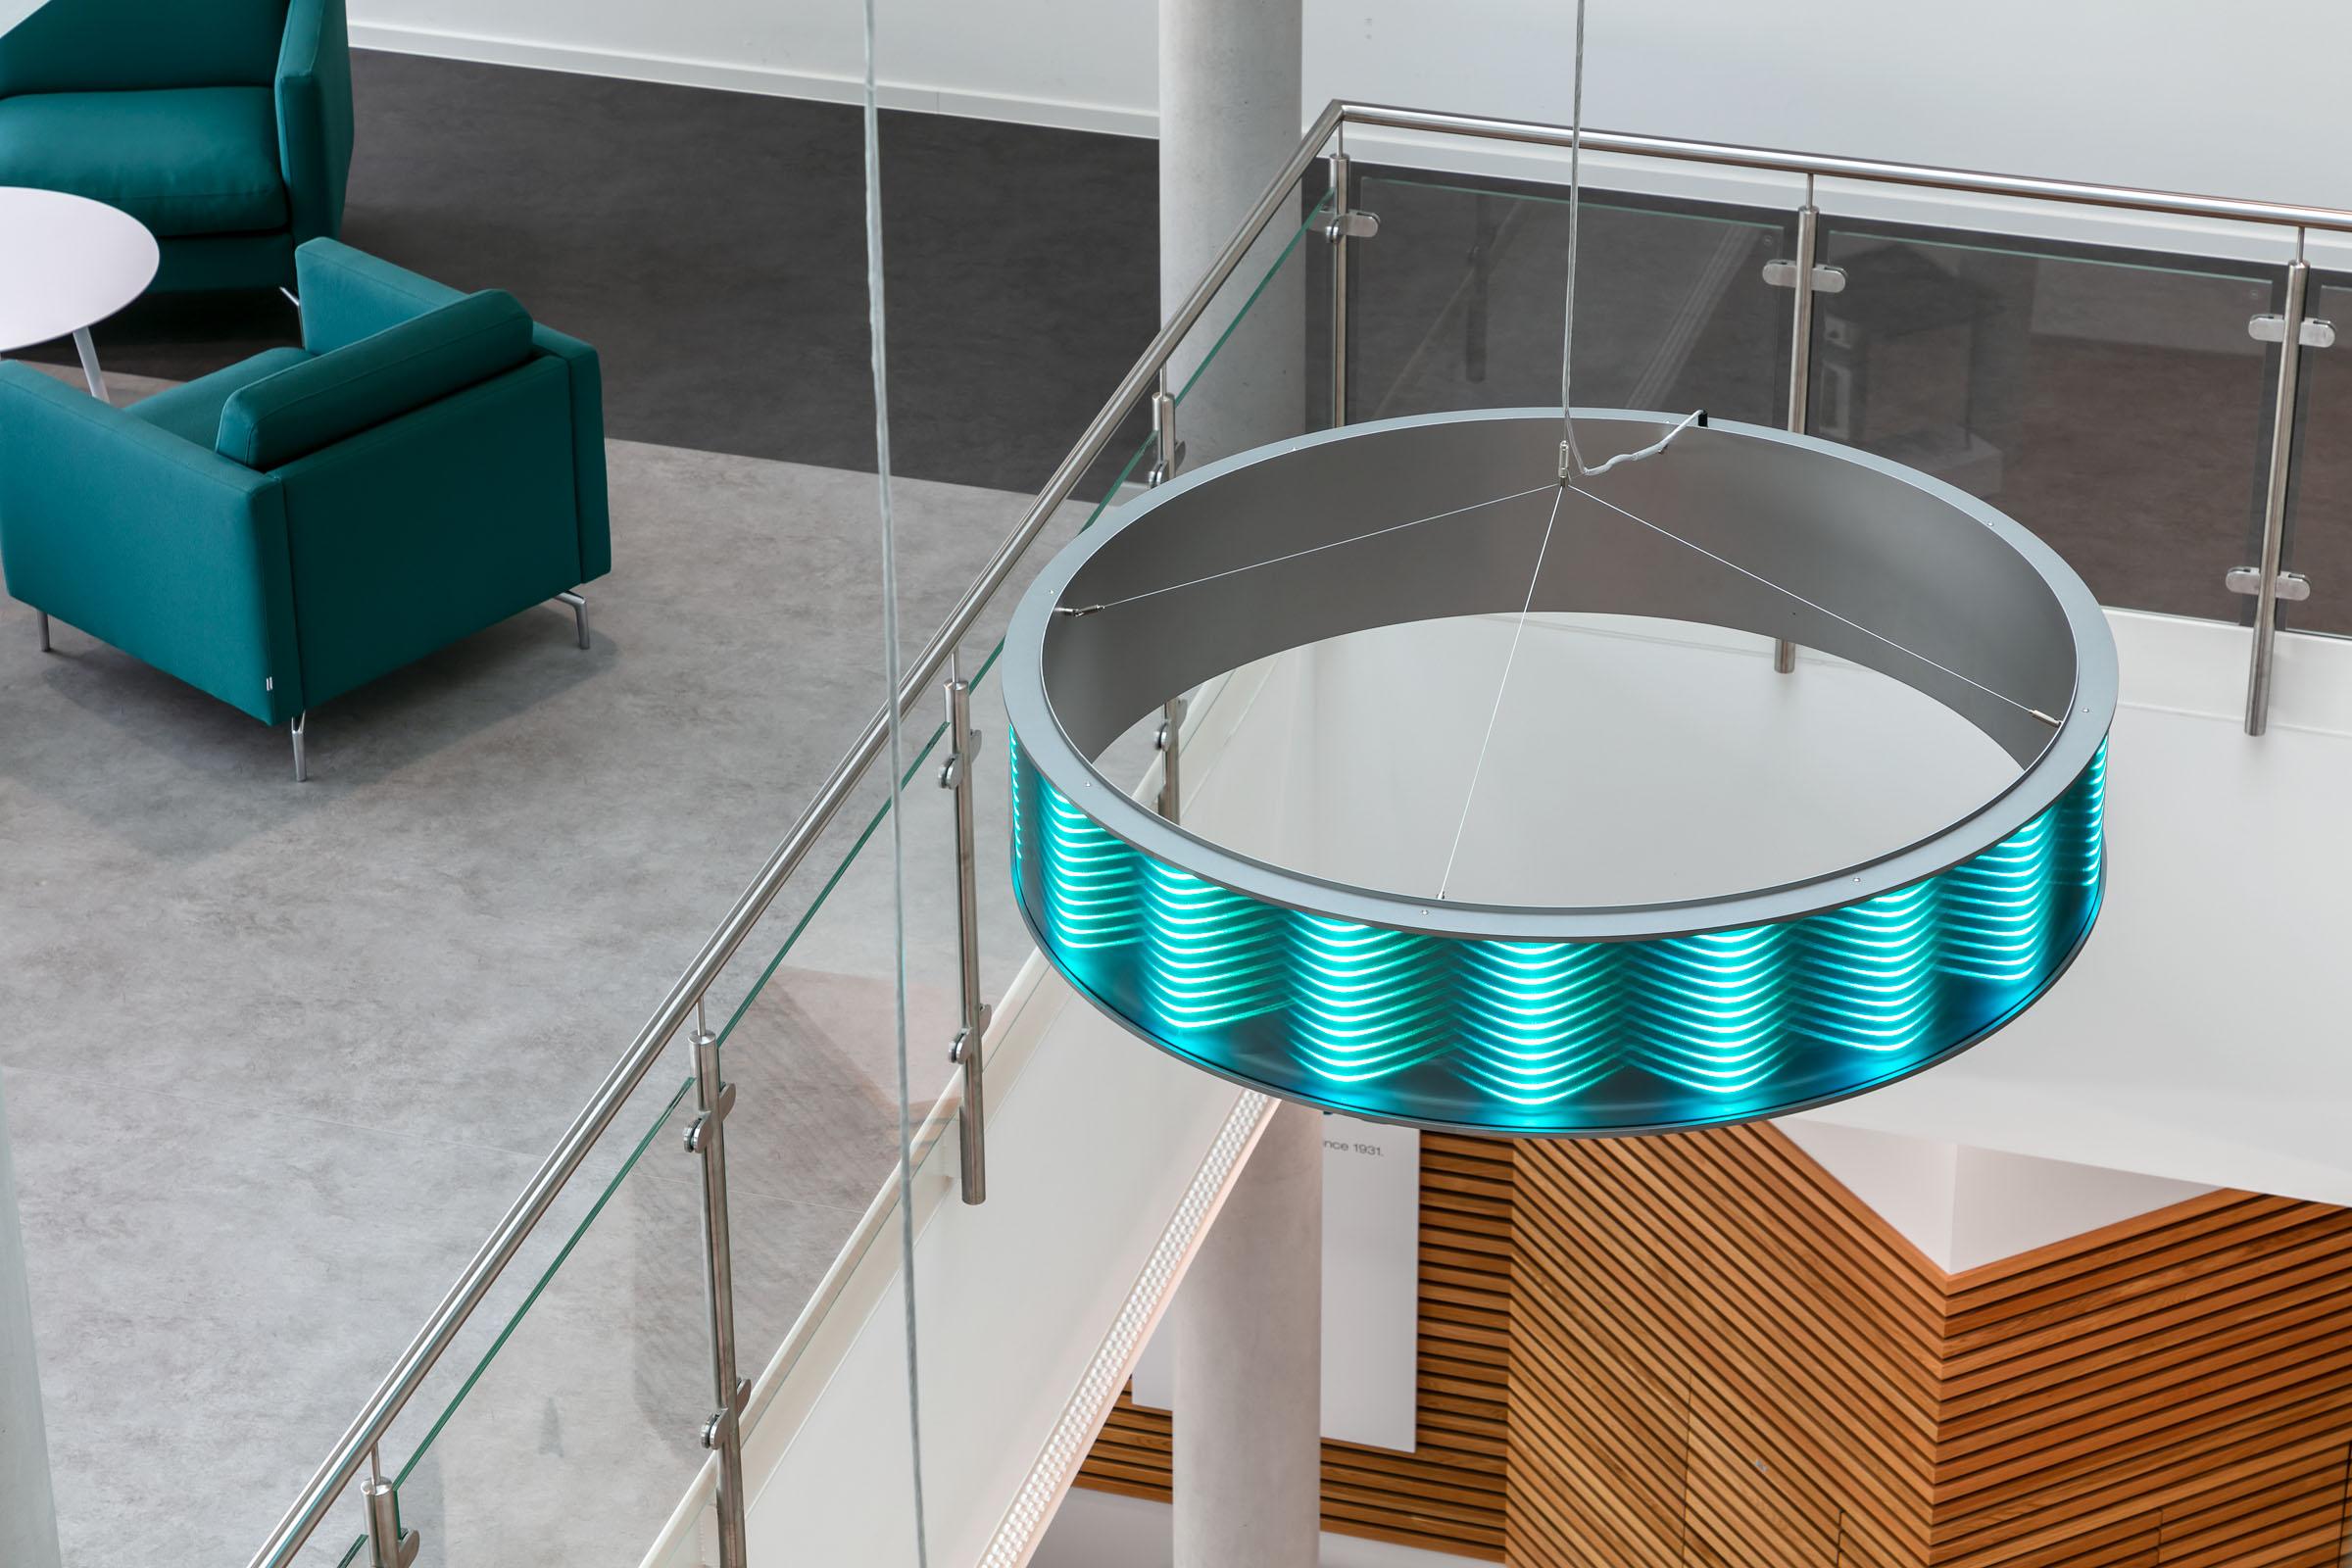 Maßgeschneiderte Ringleuchten in Edlestahloptik und mit farbigem Lichteffekt